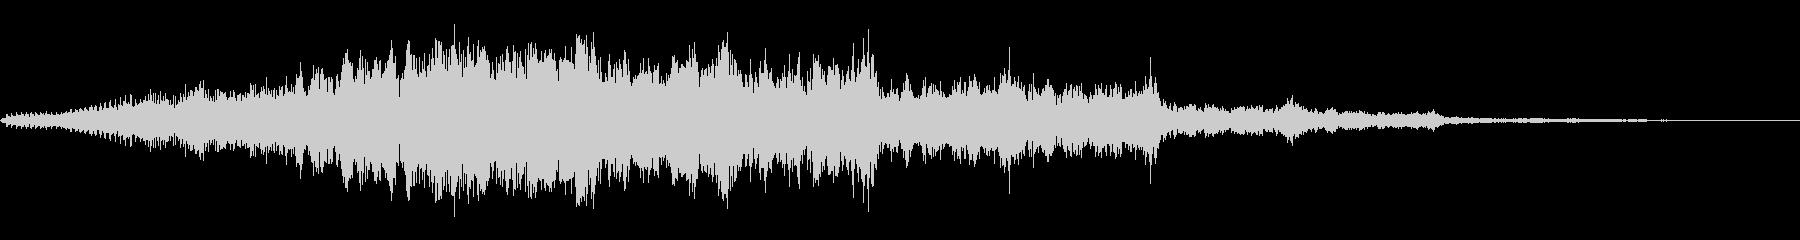 プラズマコンジットパルスの未再生の波形